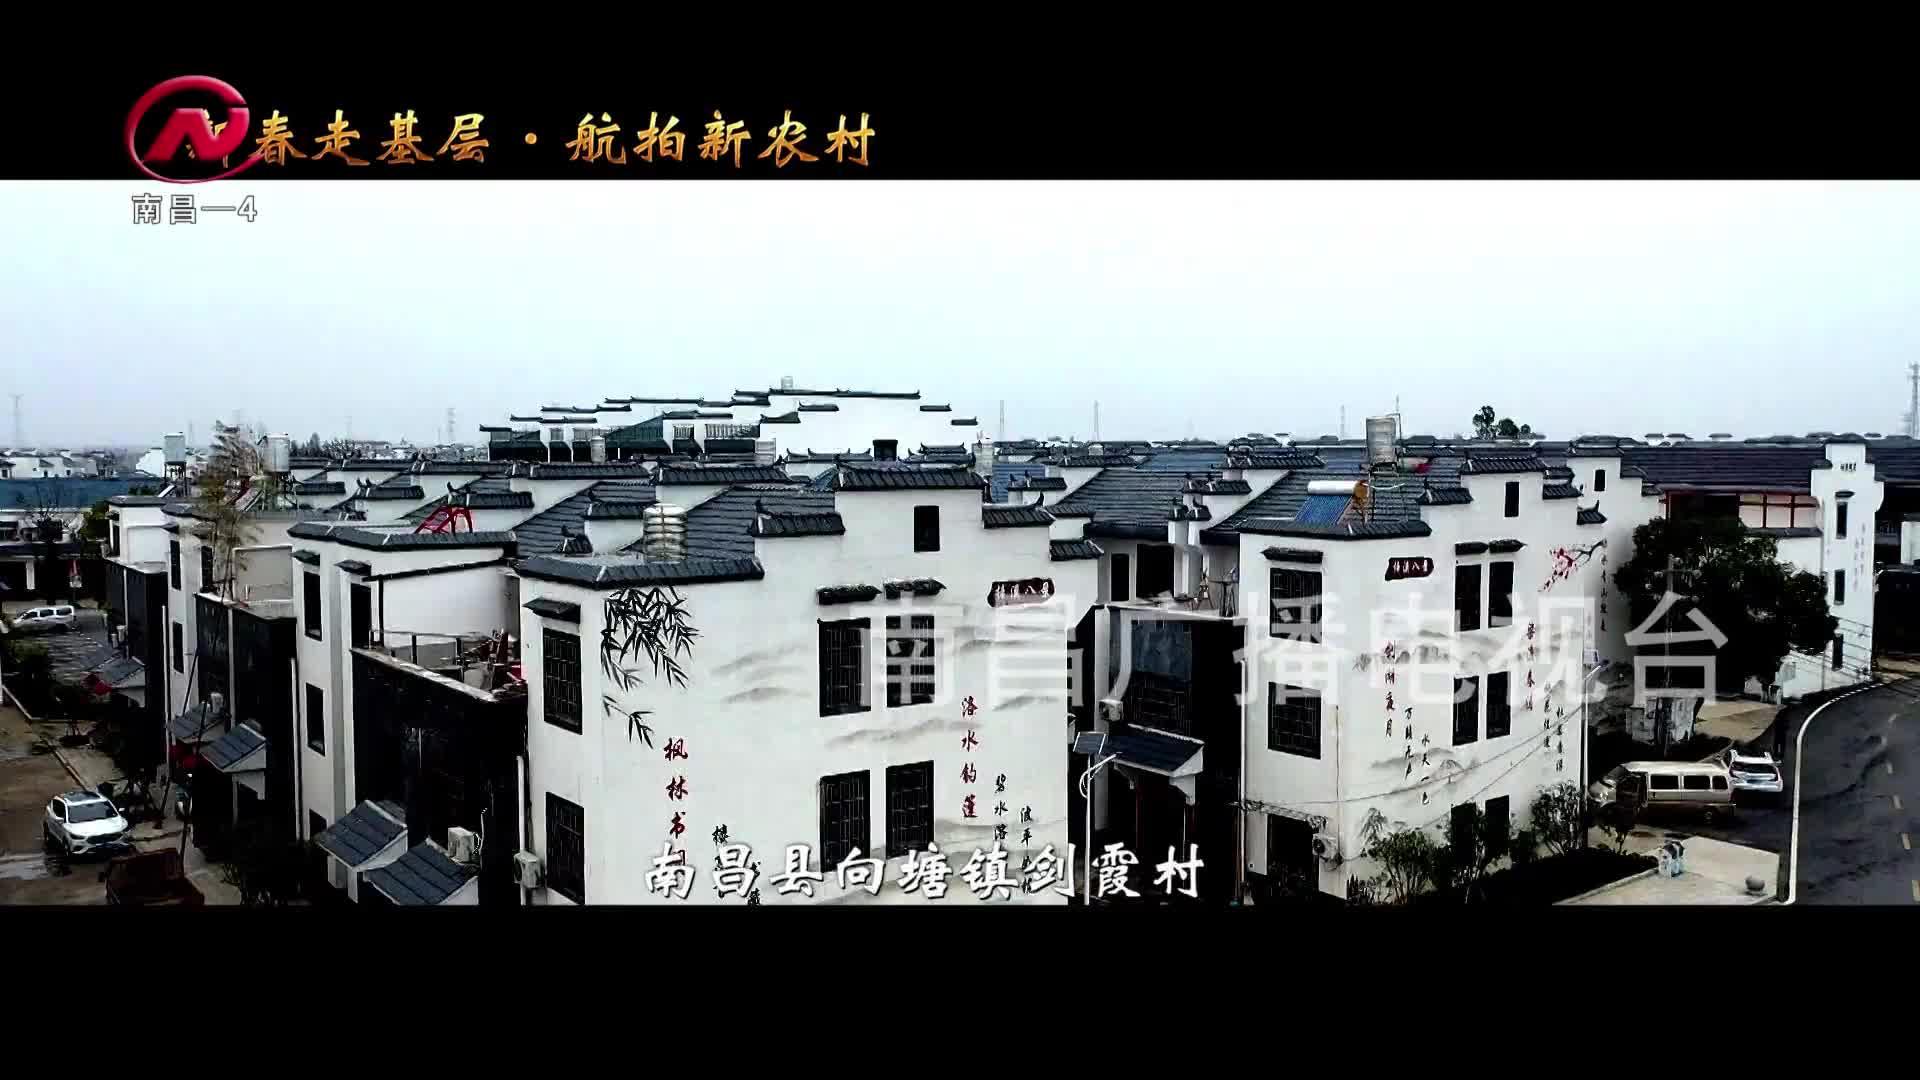 【豫章農視】劍霞村:打造整潔美麗和諧宜居的秀美農村